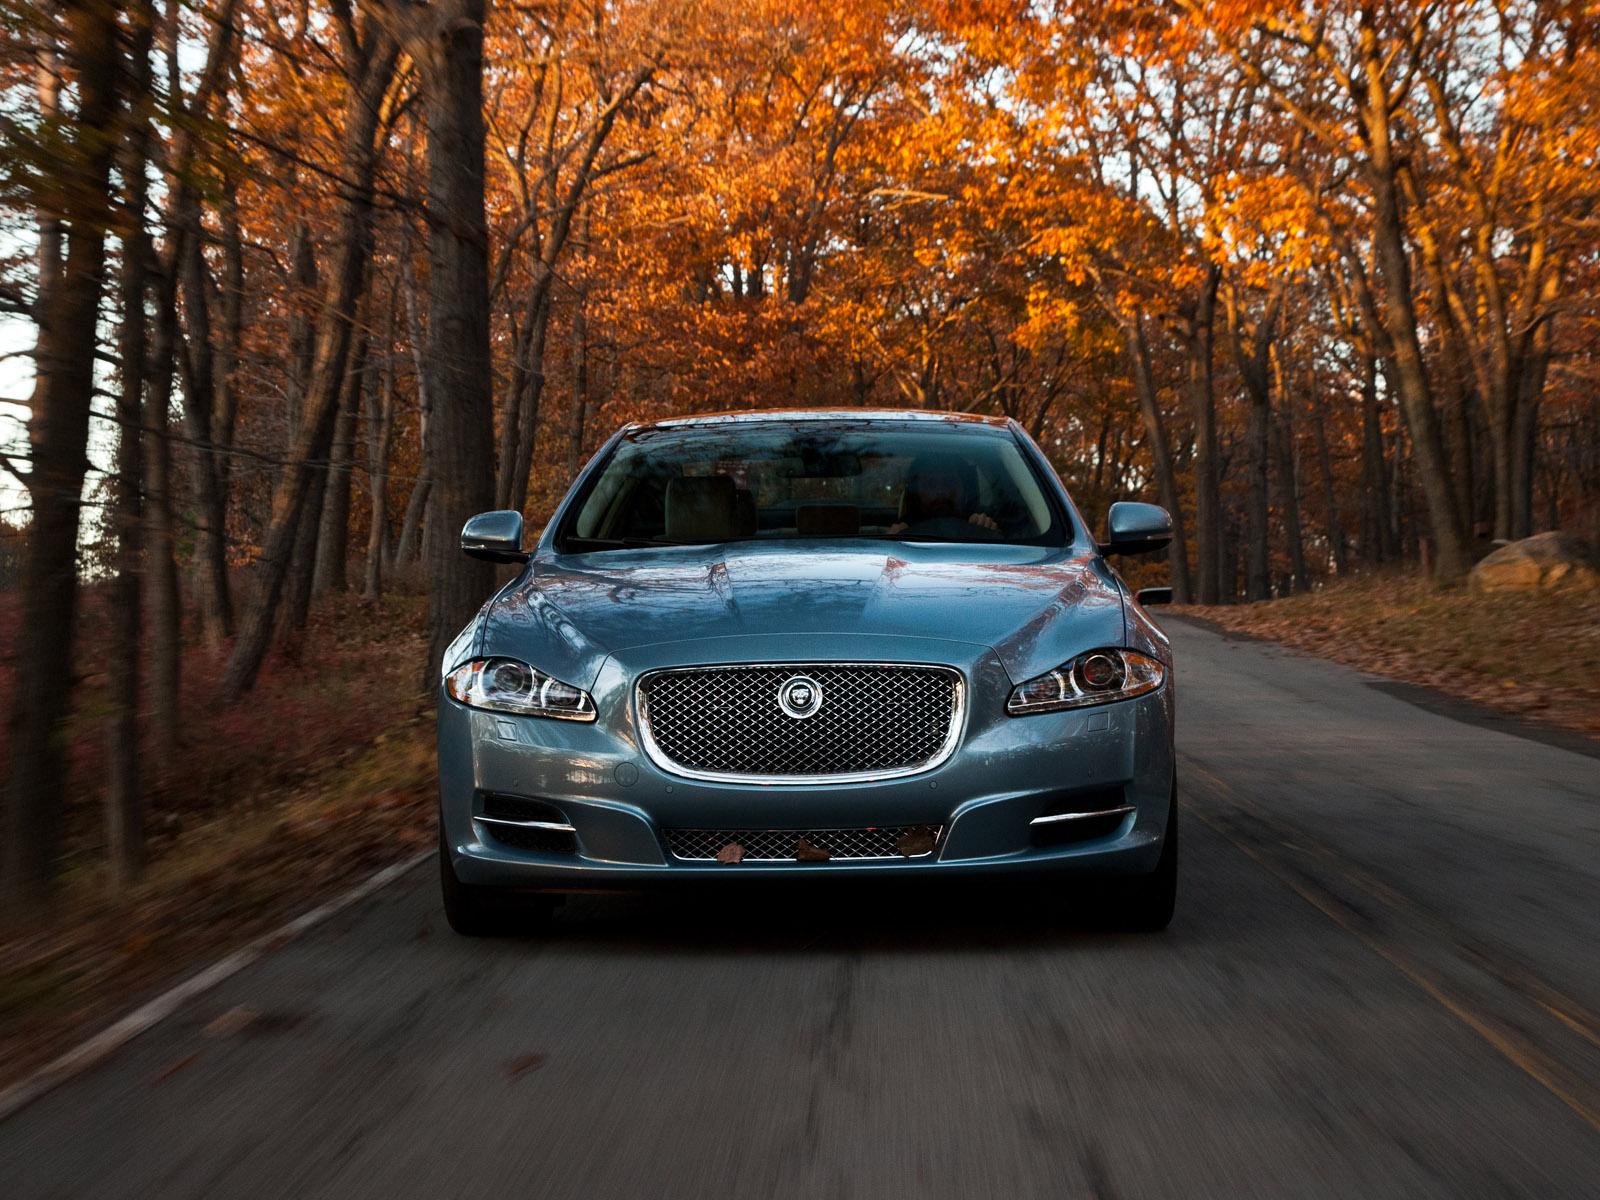 Jaguar Cars Hd Wallpapers Jaguar Hd Wallpapers Free Download Full